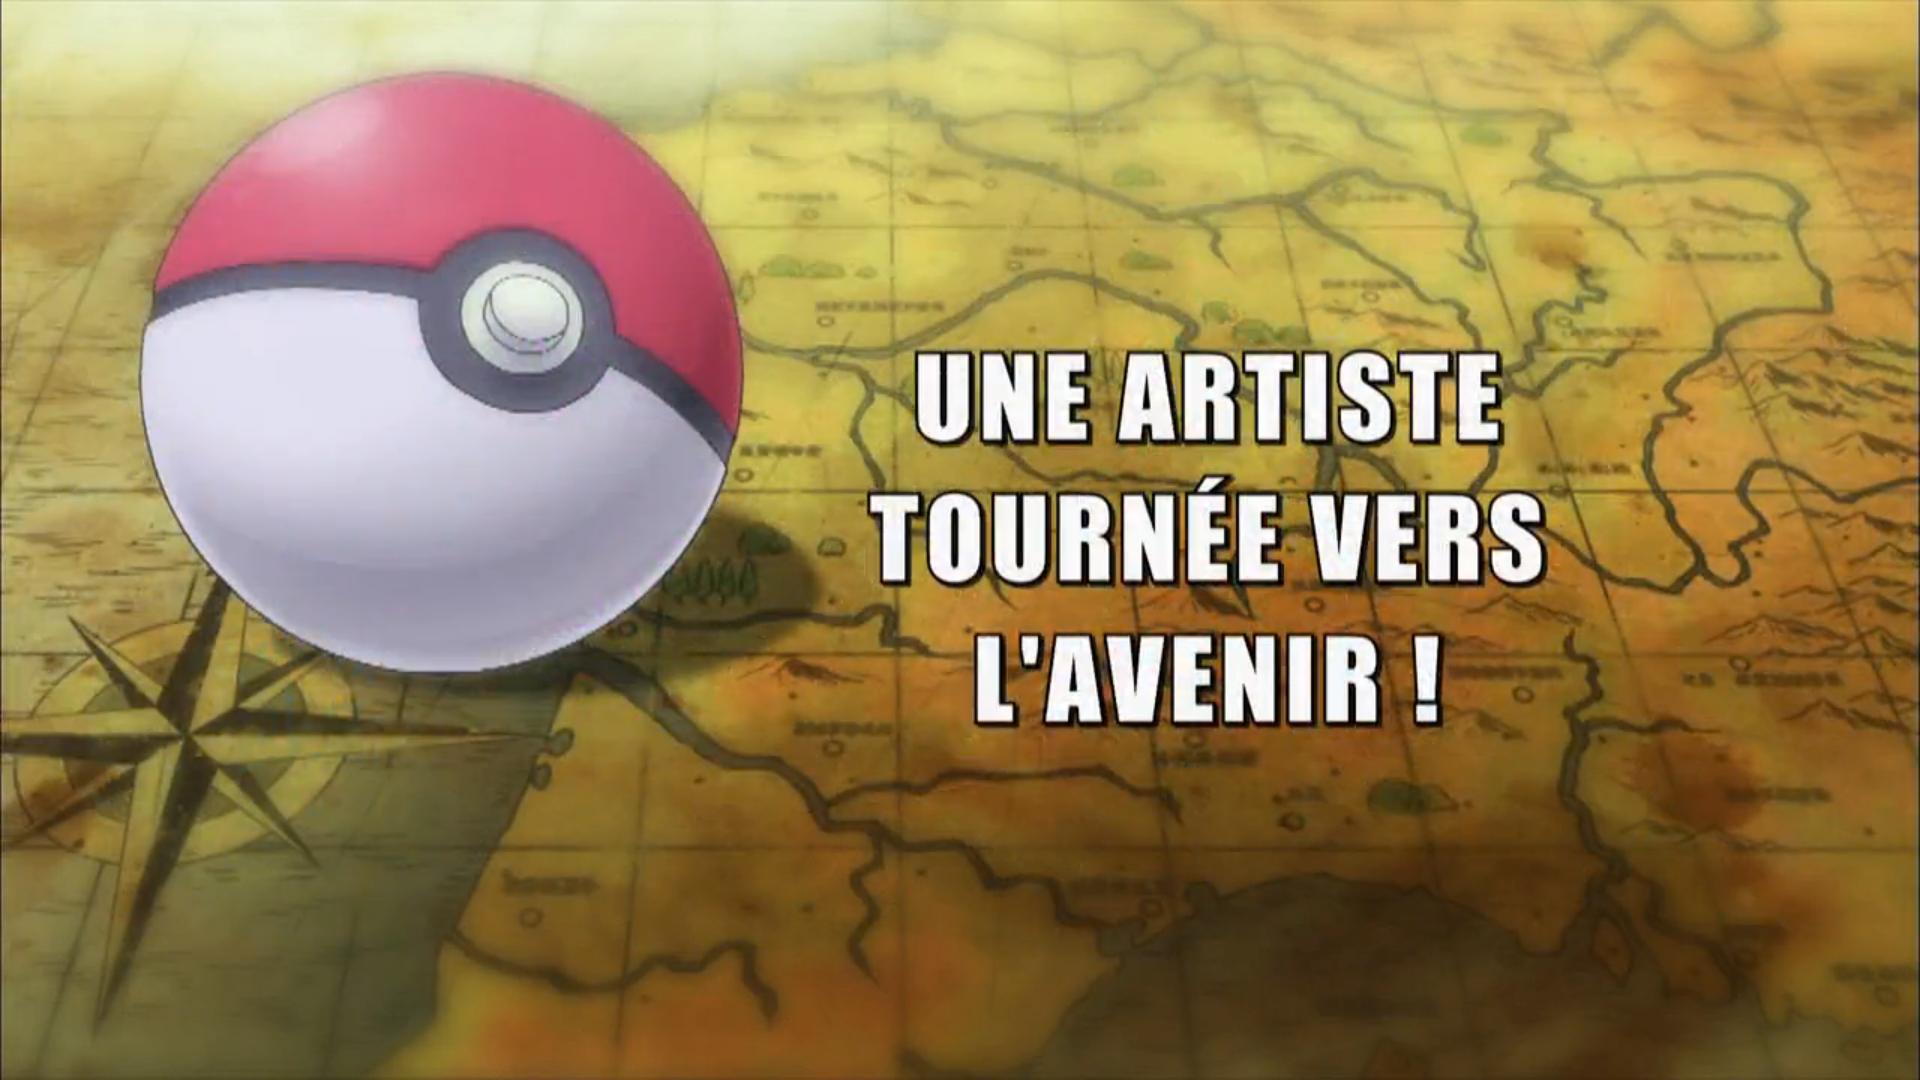 Pokémon - 19x20 - Une artiste tournée vers l'avenir !